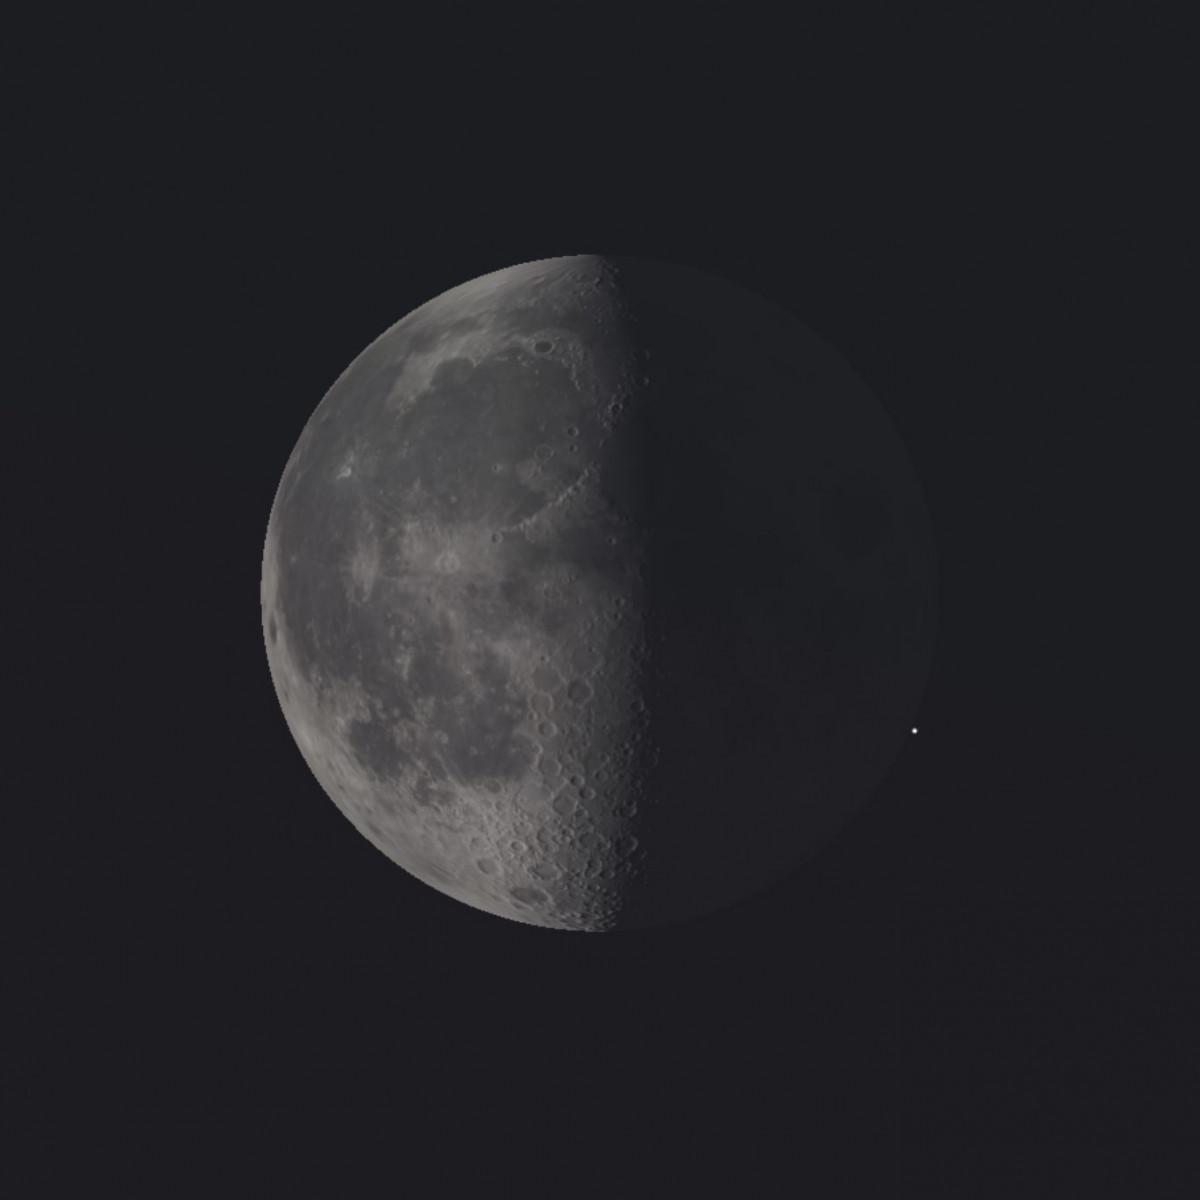 Een sterretje komt tevoorschijn vanachter de donkere maanrand